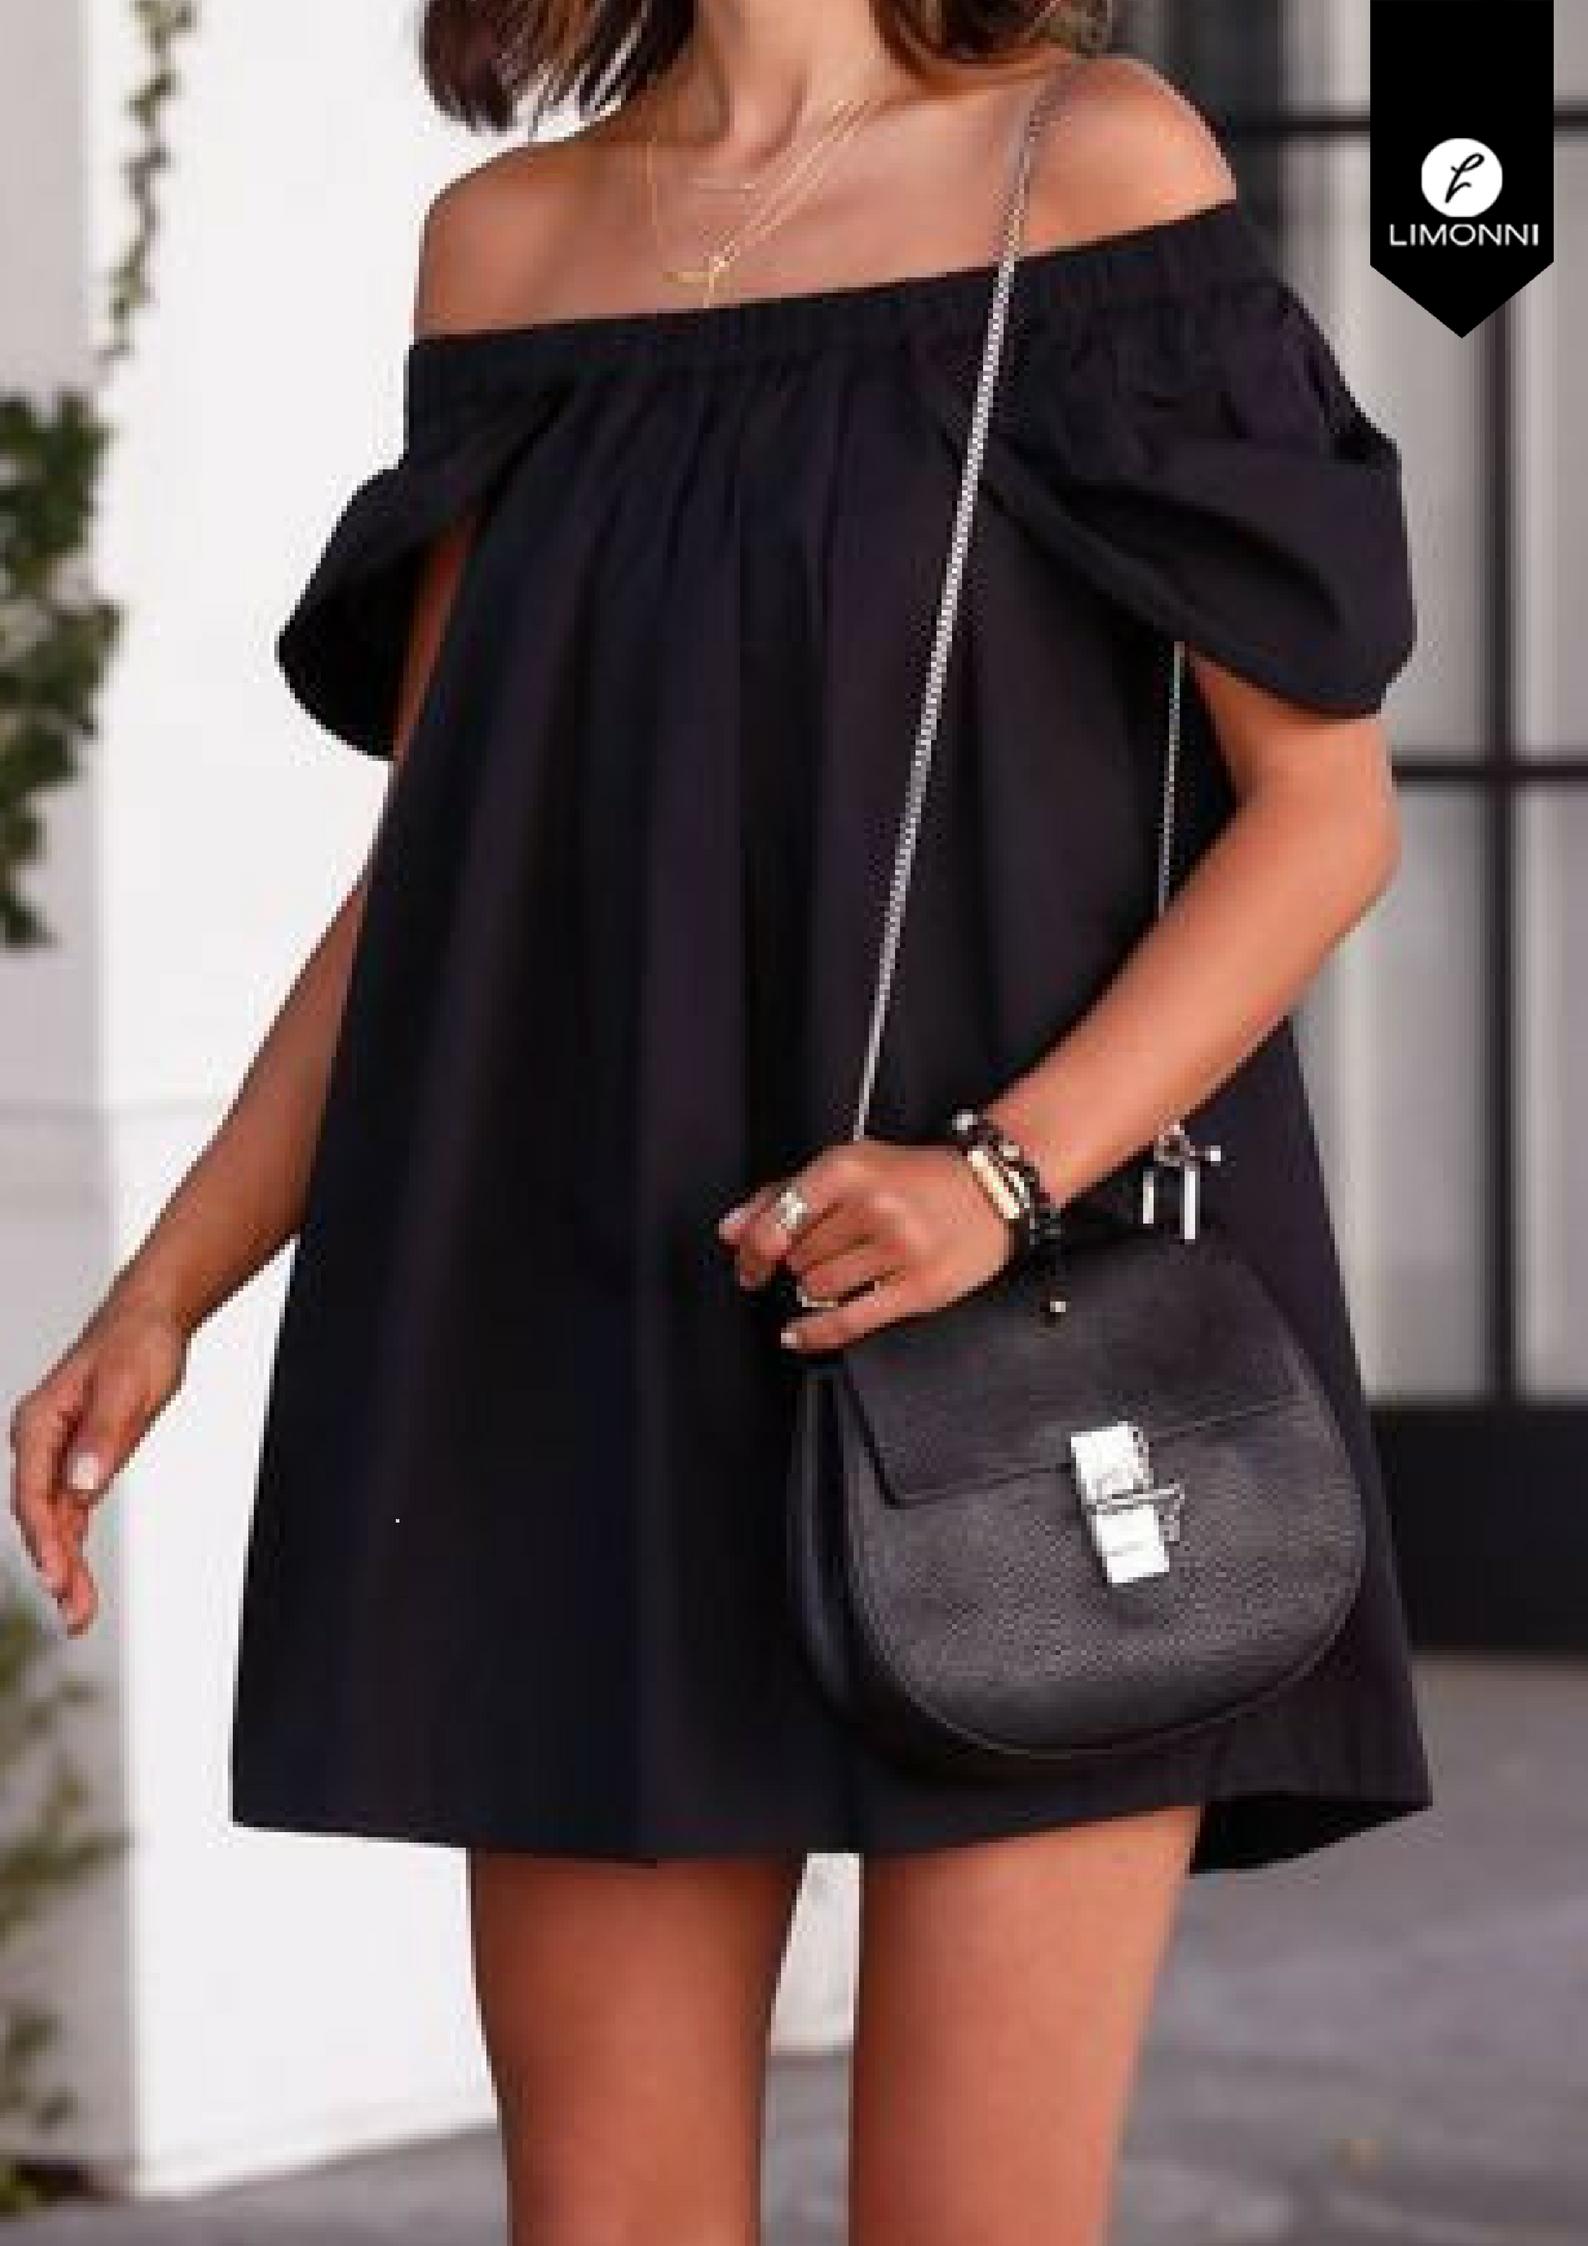 Vestidos para mujer Limonni Novalee LI1421 Cortos Casuales